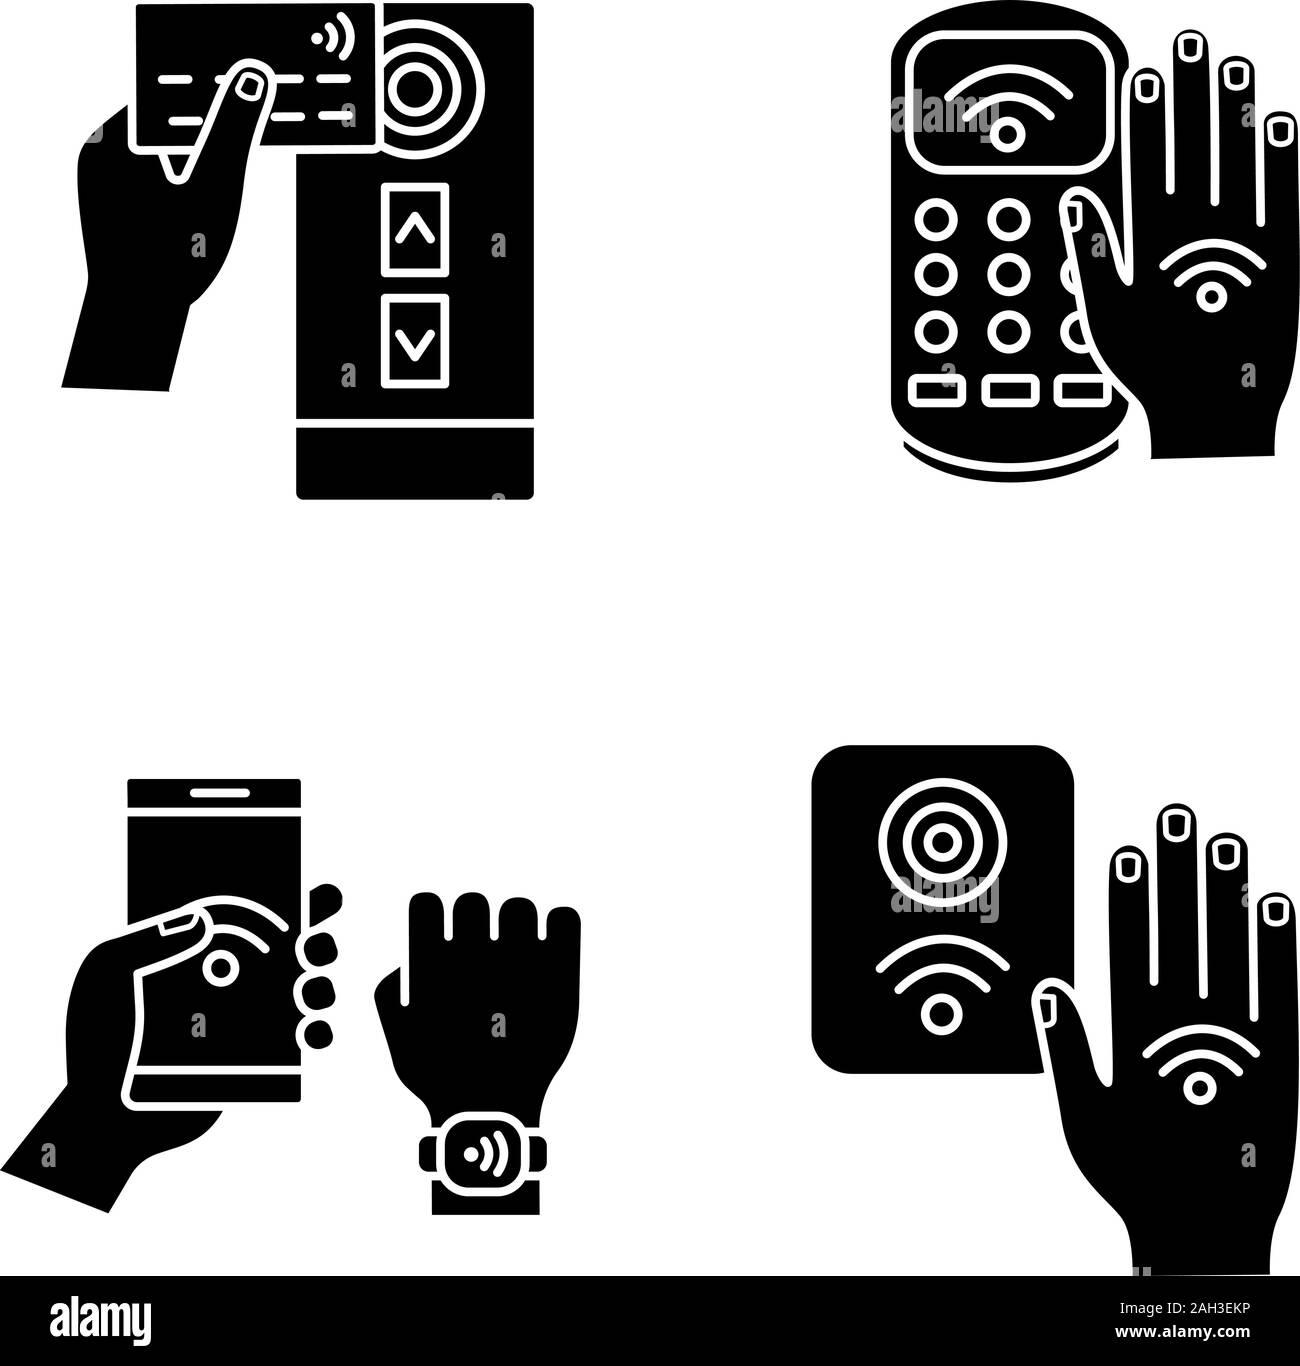 La technologie NFC glyphe icons set. Lecteur de carte de crédit en champ proche, la borne de paiement, bracelet, contrôle d'accès, part autocollant. Symboles de Silhouette. Vecteur est Illustration de Vecteur